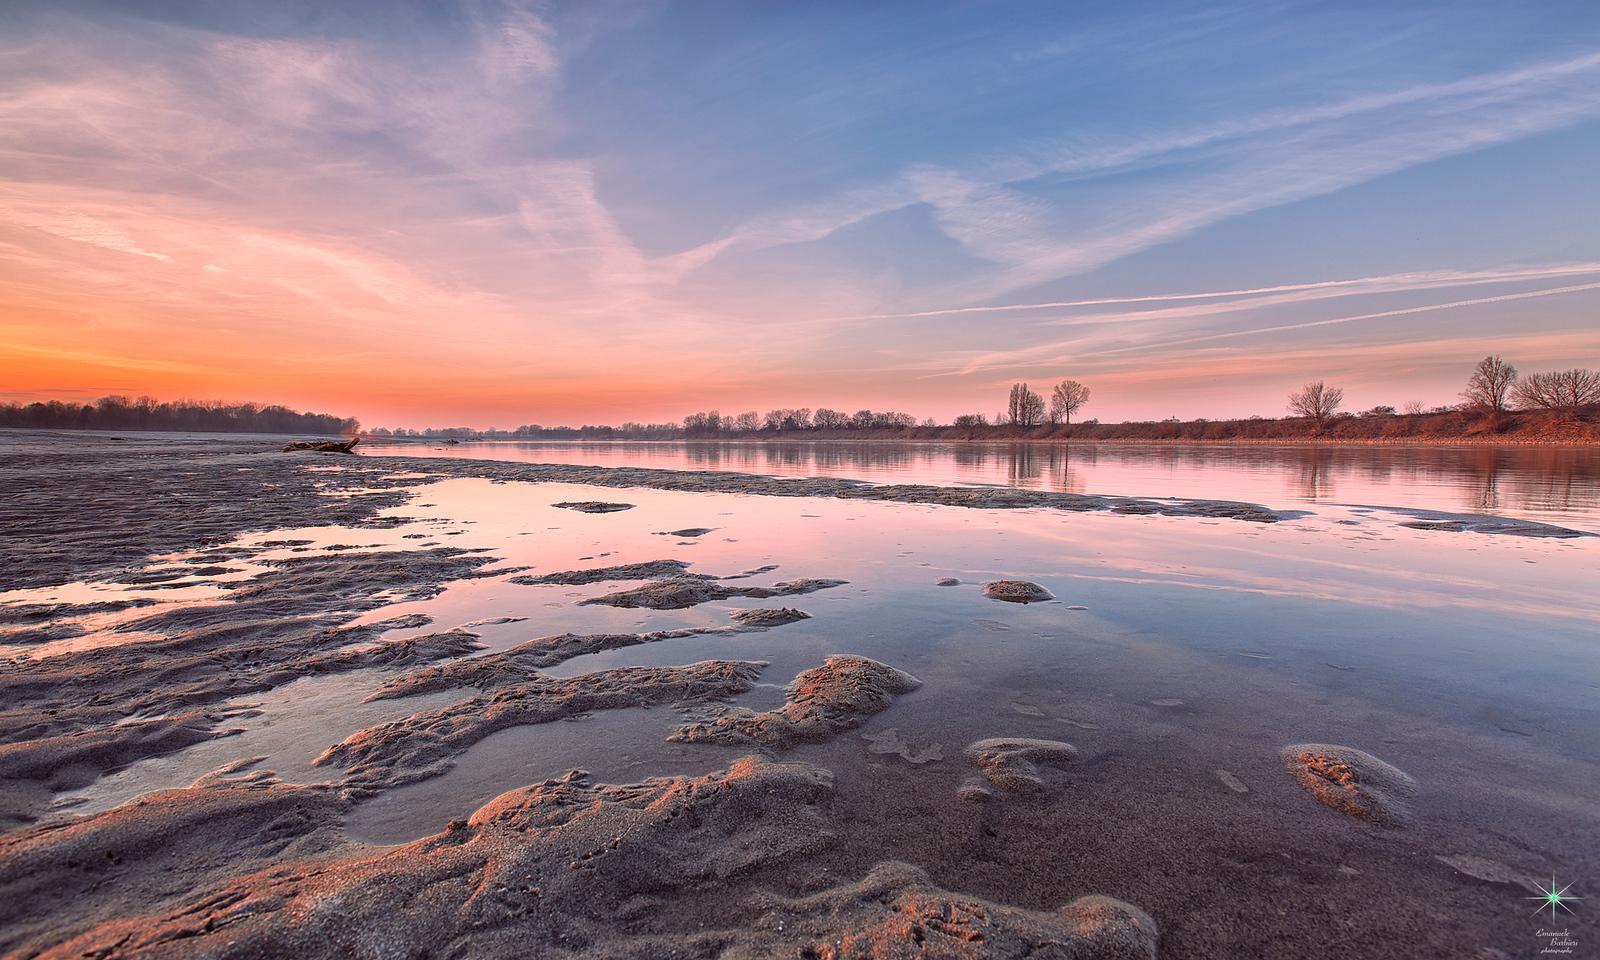 Po River 6, Italy